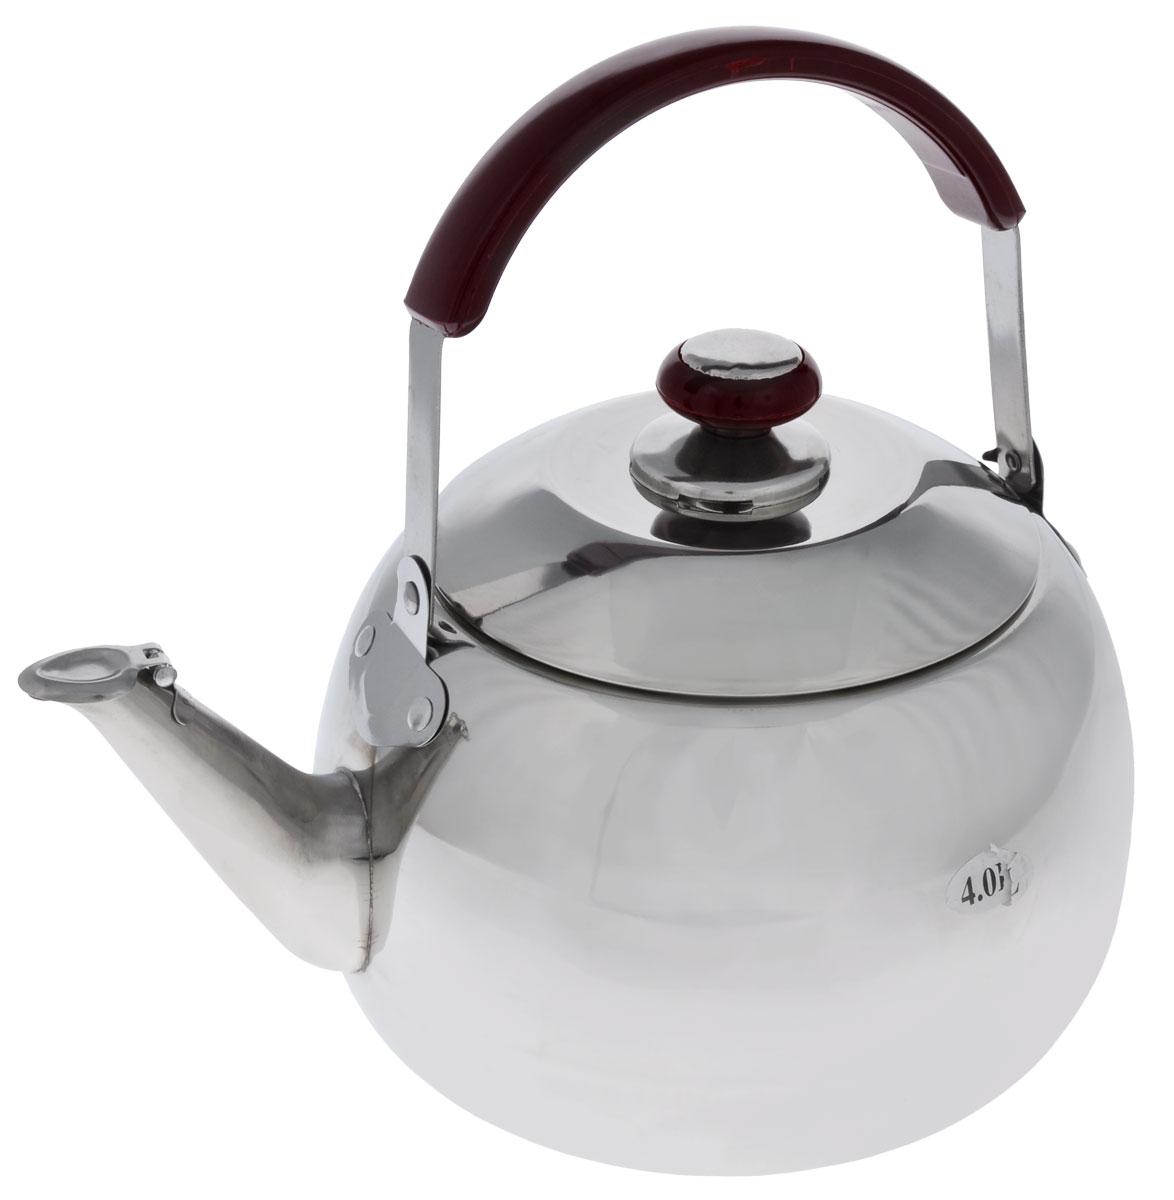 Чайник Mayer & Boch со свистком, 4 л2524Корпус чайника Mayer & Boch выполнен из высококачественной нержавеющей стали с зеркальной поверхностью, что обеспечивает долговечность использования. Подвижная ручка из стали с накладкой из бакелита делает использование чайника очень удобным и безопасным. Крышка из нержавеющей стали снабжена свистком, что позволит вам контролировать процесс подогрева или кипячения воды. Капсулированное дно с прослойкой из алюминия обеспечивает наилучшее распределение тепла. Эстетичный и функциональный, с эксклюзивным дизайном, чайник будет оригинально смотреться в любом интерьере. Можно мыть в посудомоечной машине.Диаметр основания чайника: 17 см.Высота чайника (без учета крышки): 13 см.Высота чайника (с учетом крышки): 18 см.